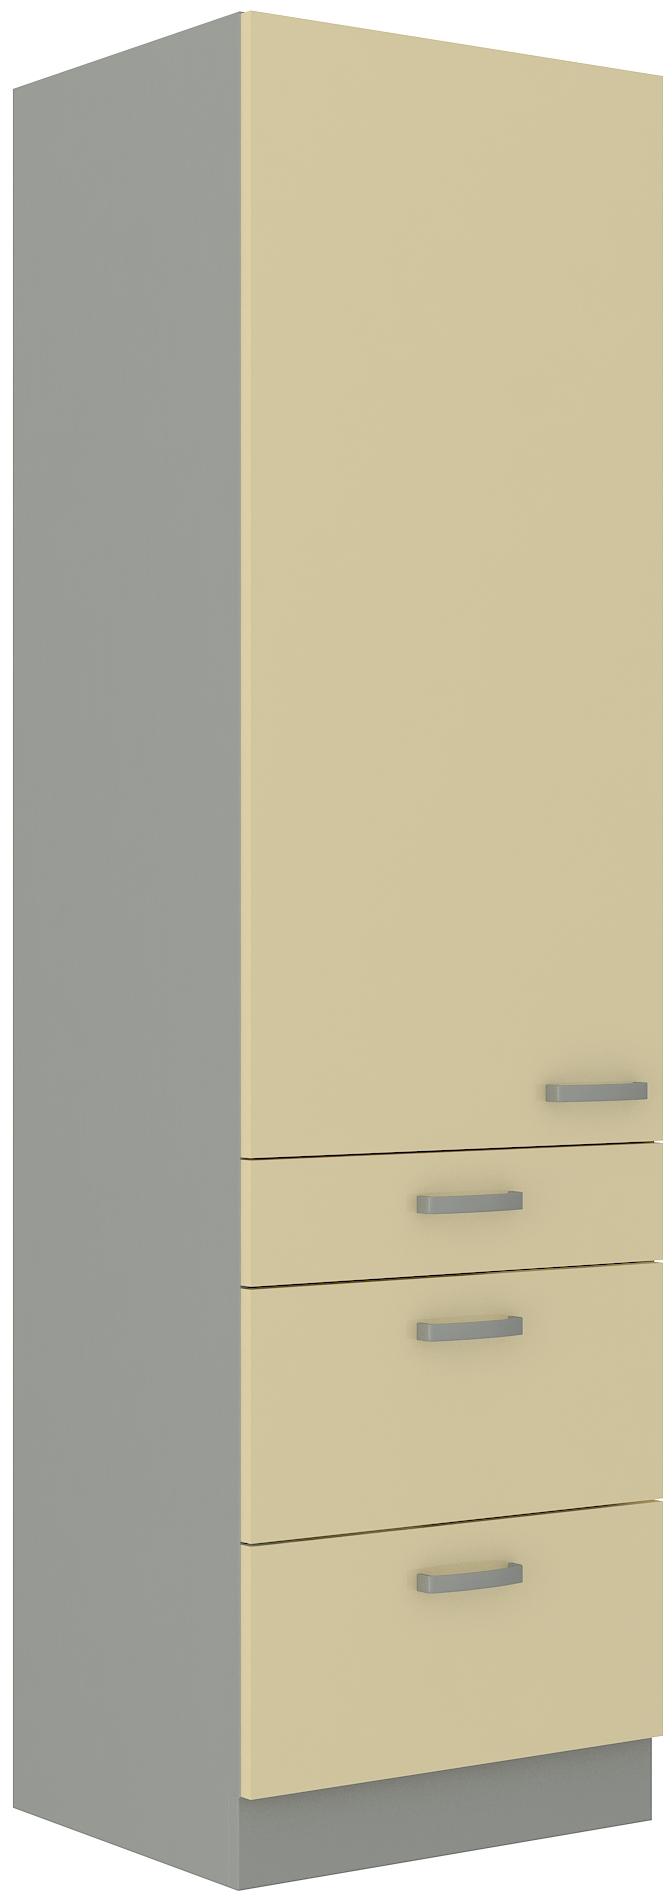 Backofenhochschrank 60 cm / 210 cm mit Schubladen Karmen